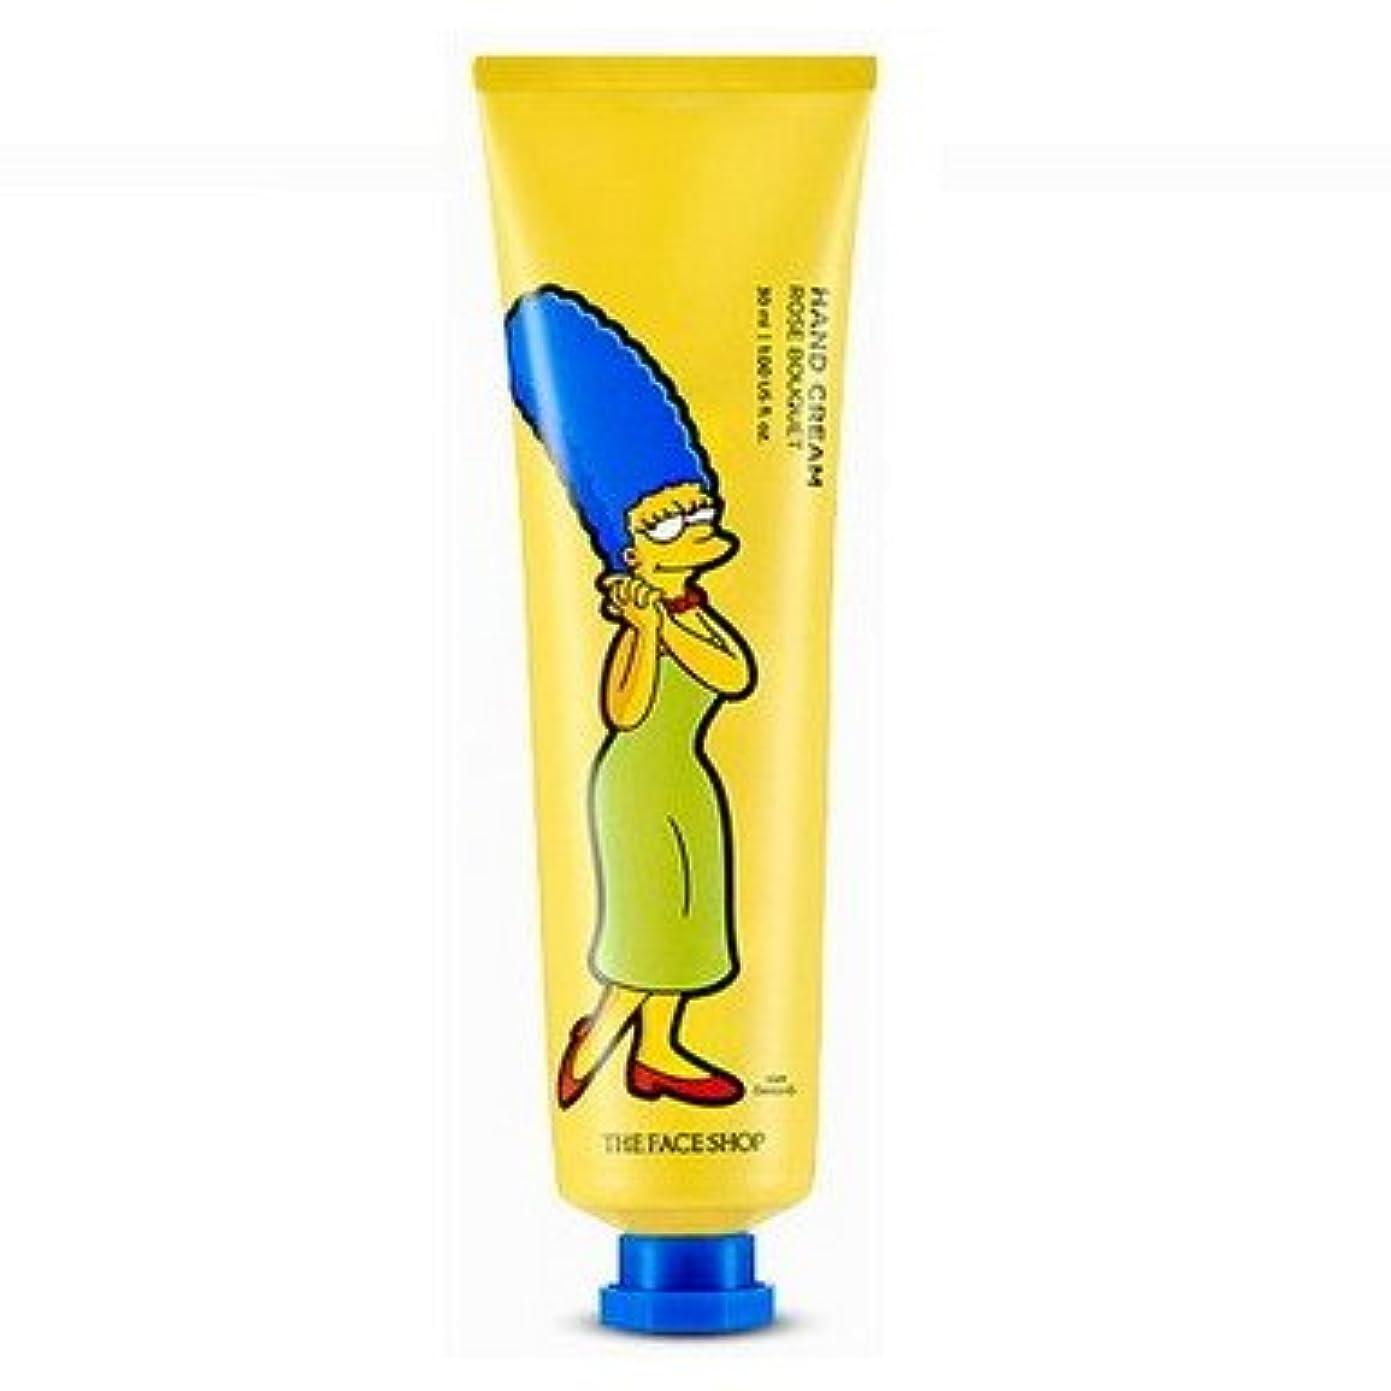 トーンやむを得ないシャーロックホームズ【The Face Shop (ザ?フェイスショップ)】 The Simpsons ザ?シンプソンズ ハンドクリーム 30ml (5種類選択1) (マージ (ローズブーケ)) [並行輸入品]